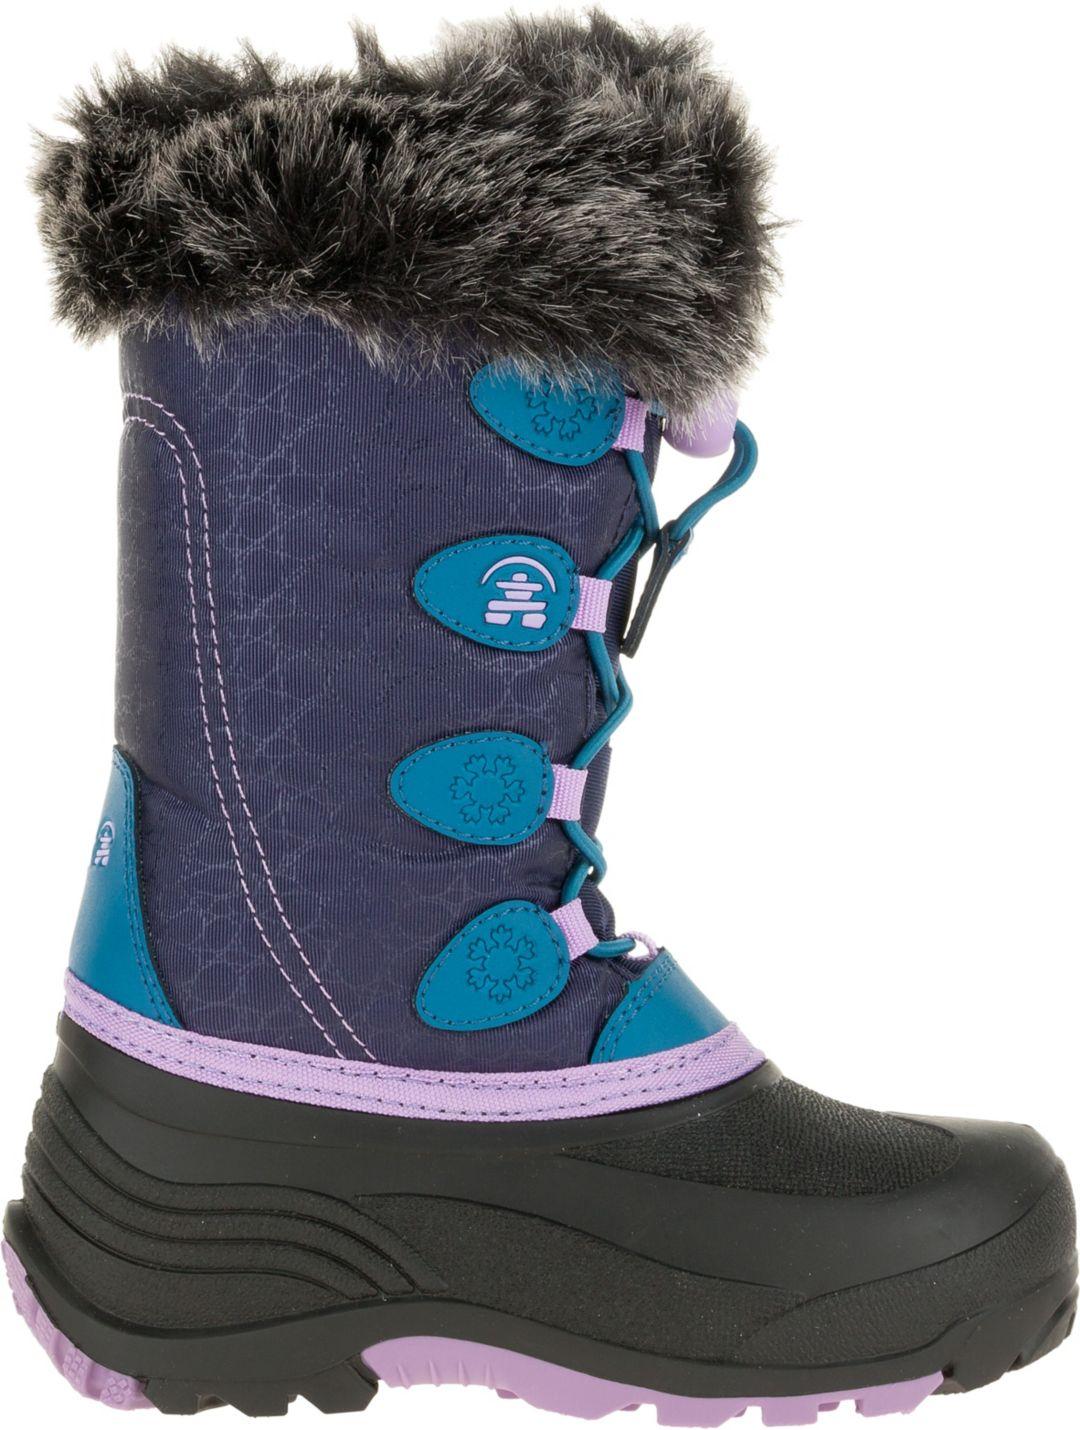 20a7bdd575 Kamik Kids' Snowgypsy Waterproof Winter Boots